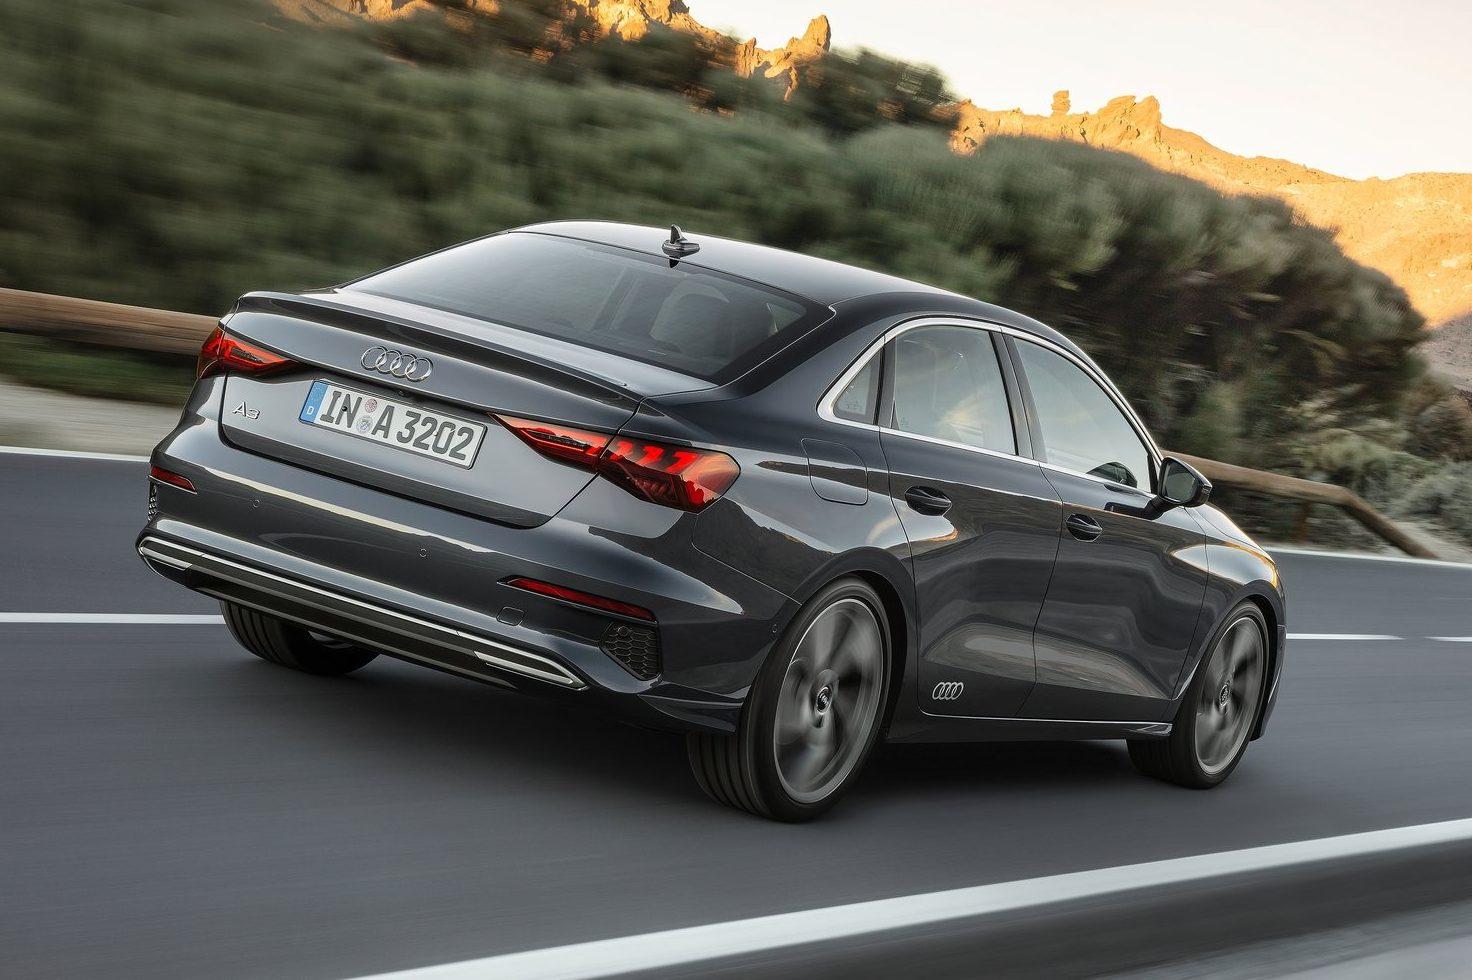 Novo Audi A3 Sedan E Um Golf Com Grife Tres Volumes E Farois Inteligentes Quatro Rodas